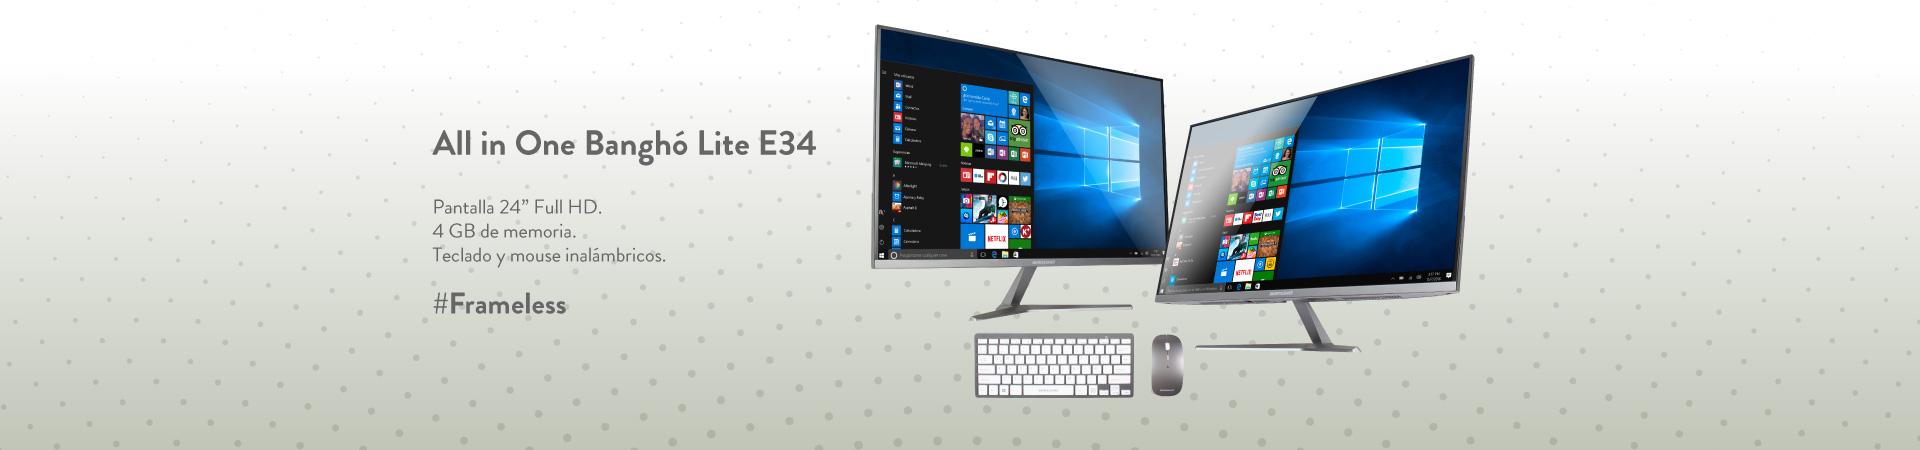 AIO E34